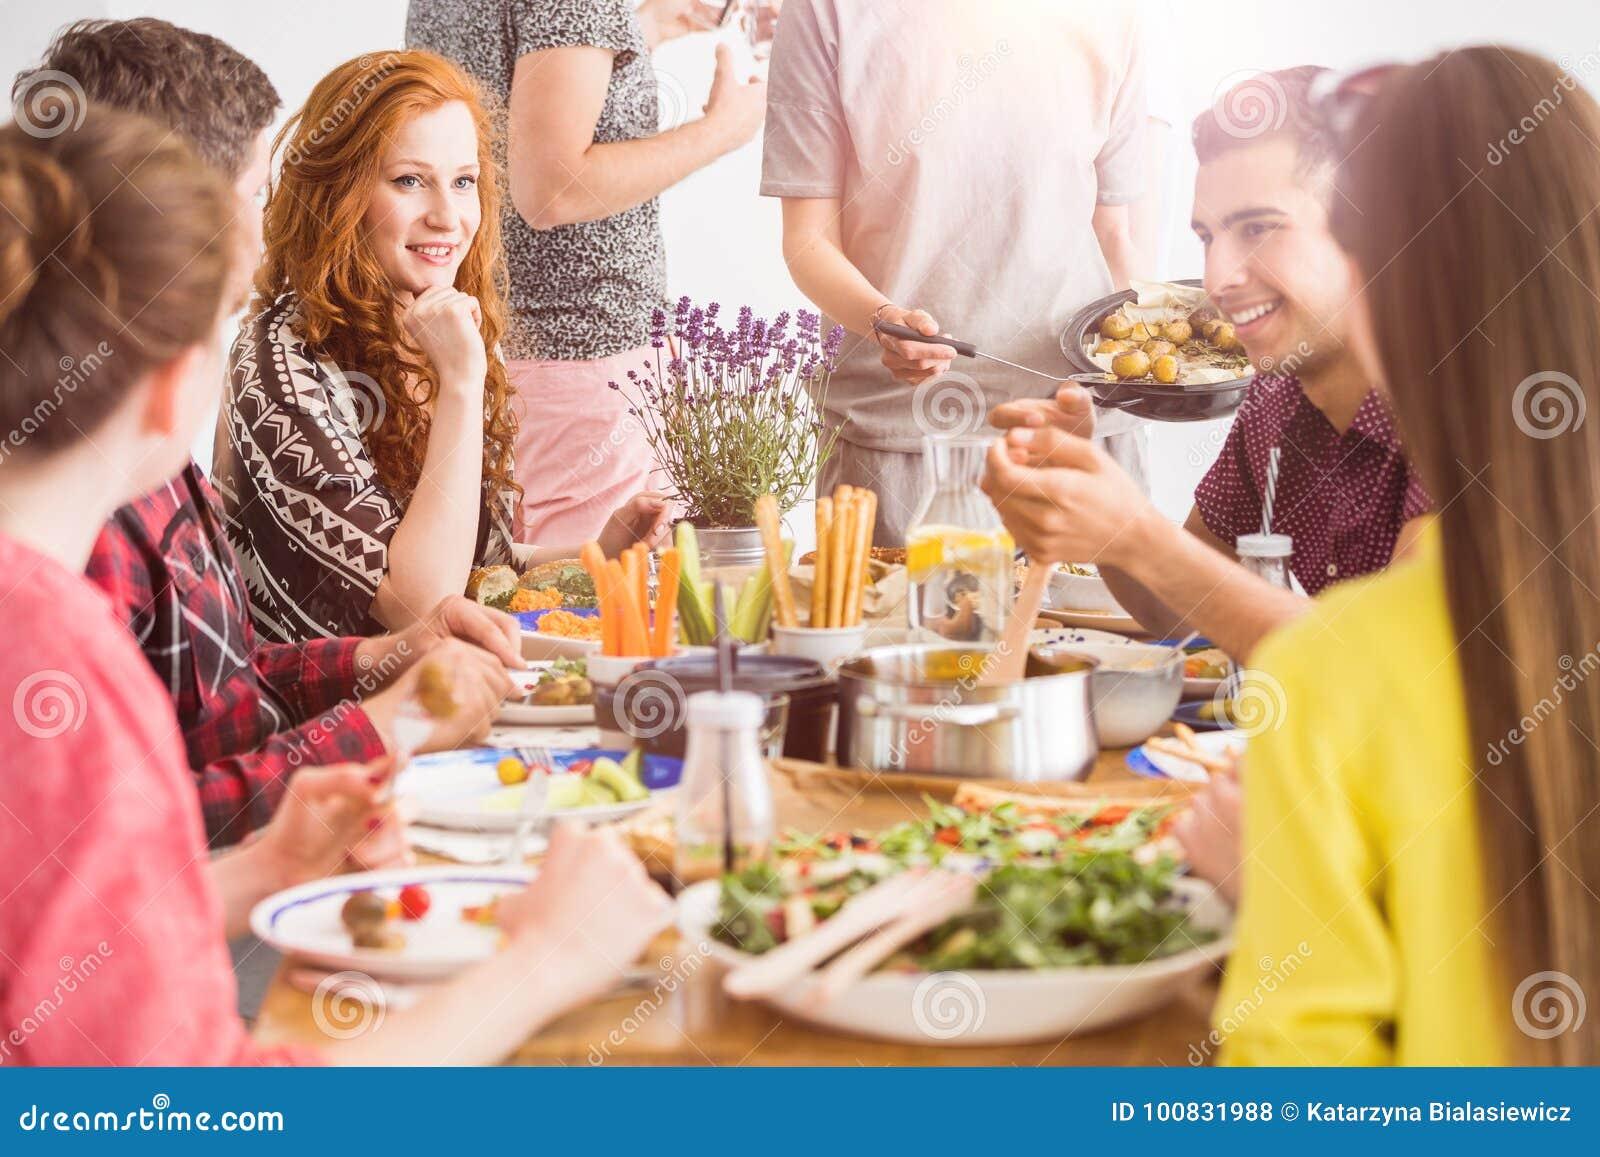 Άνθρωποι που τρώνε τα υγιή οργανικά πιάτα